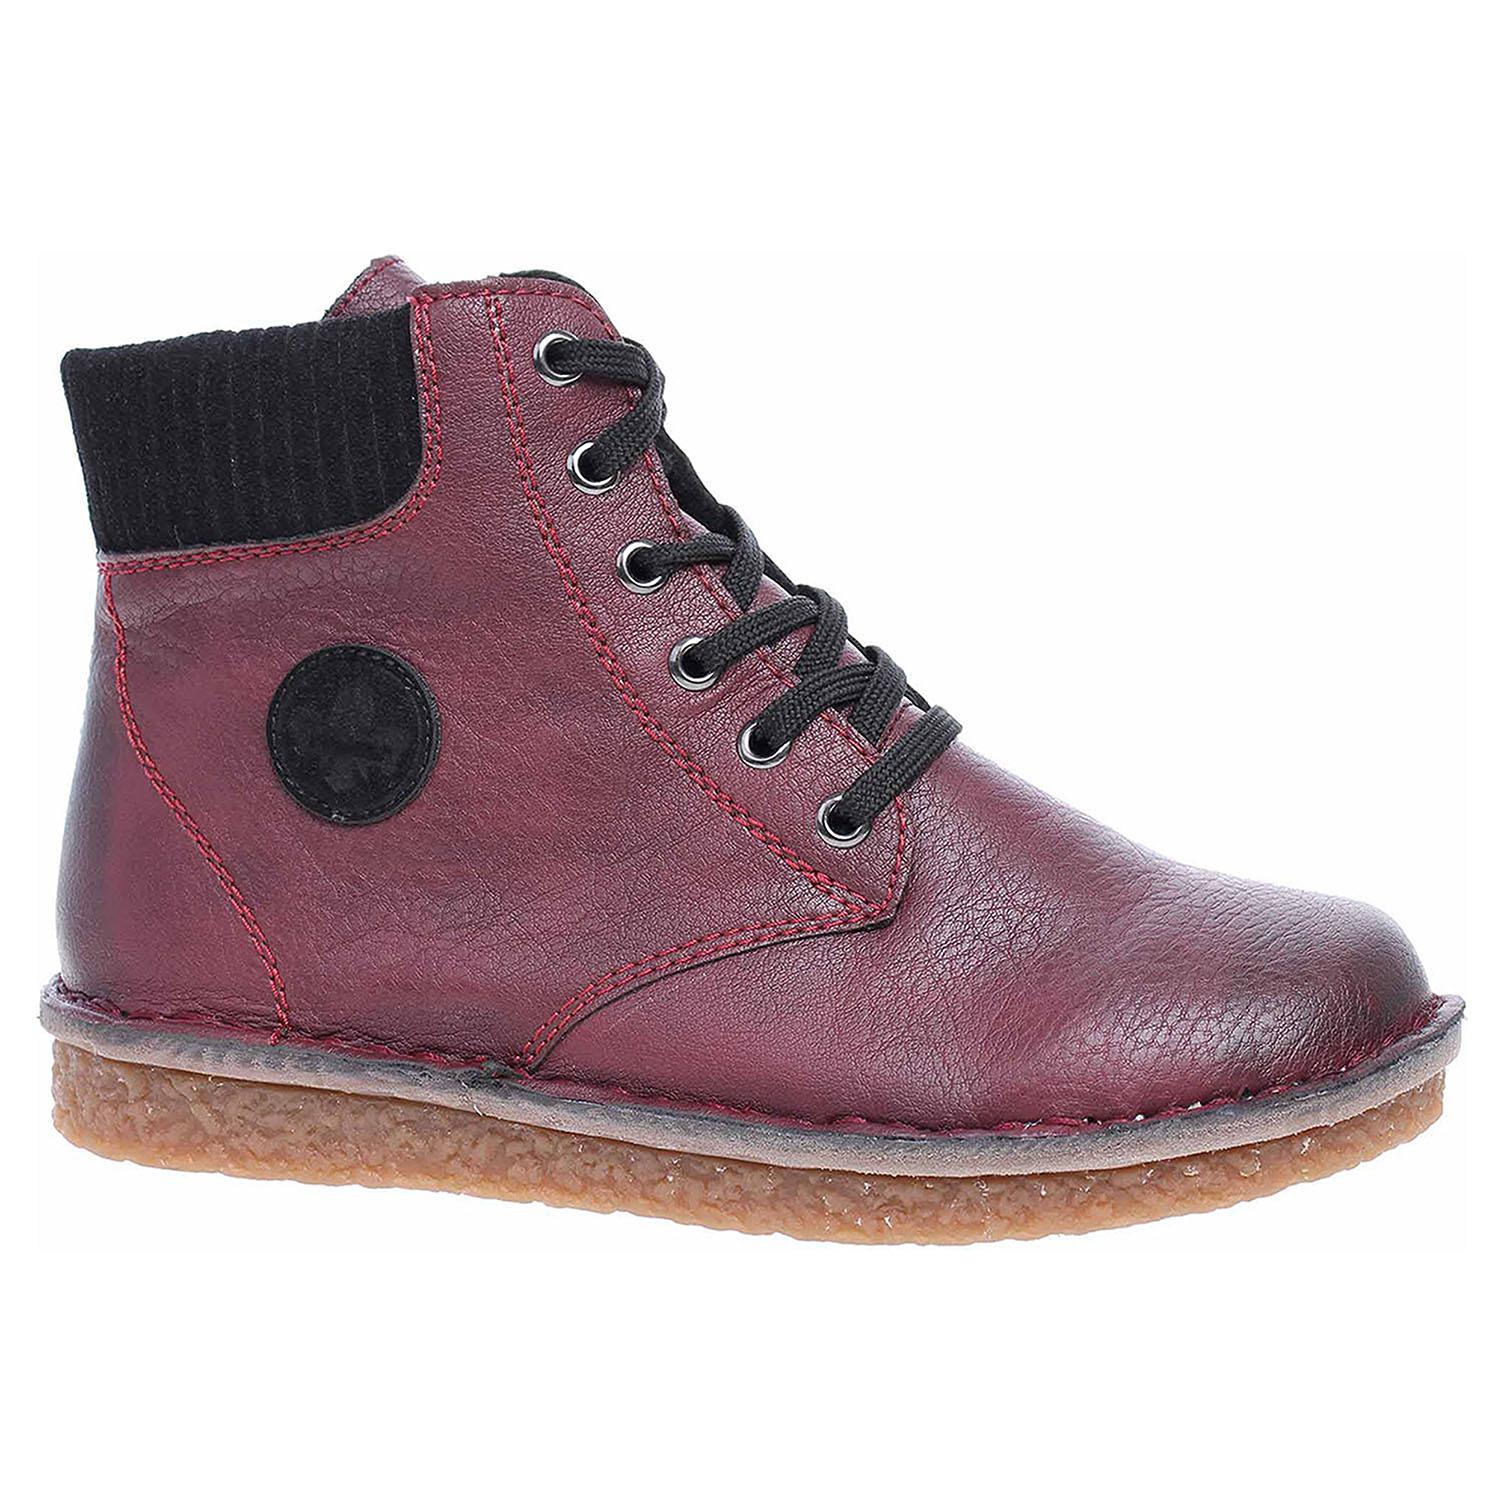 Dámská kotníková obuv Rieker 70920-35 rot kombi 70920-35 39